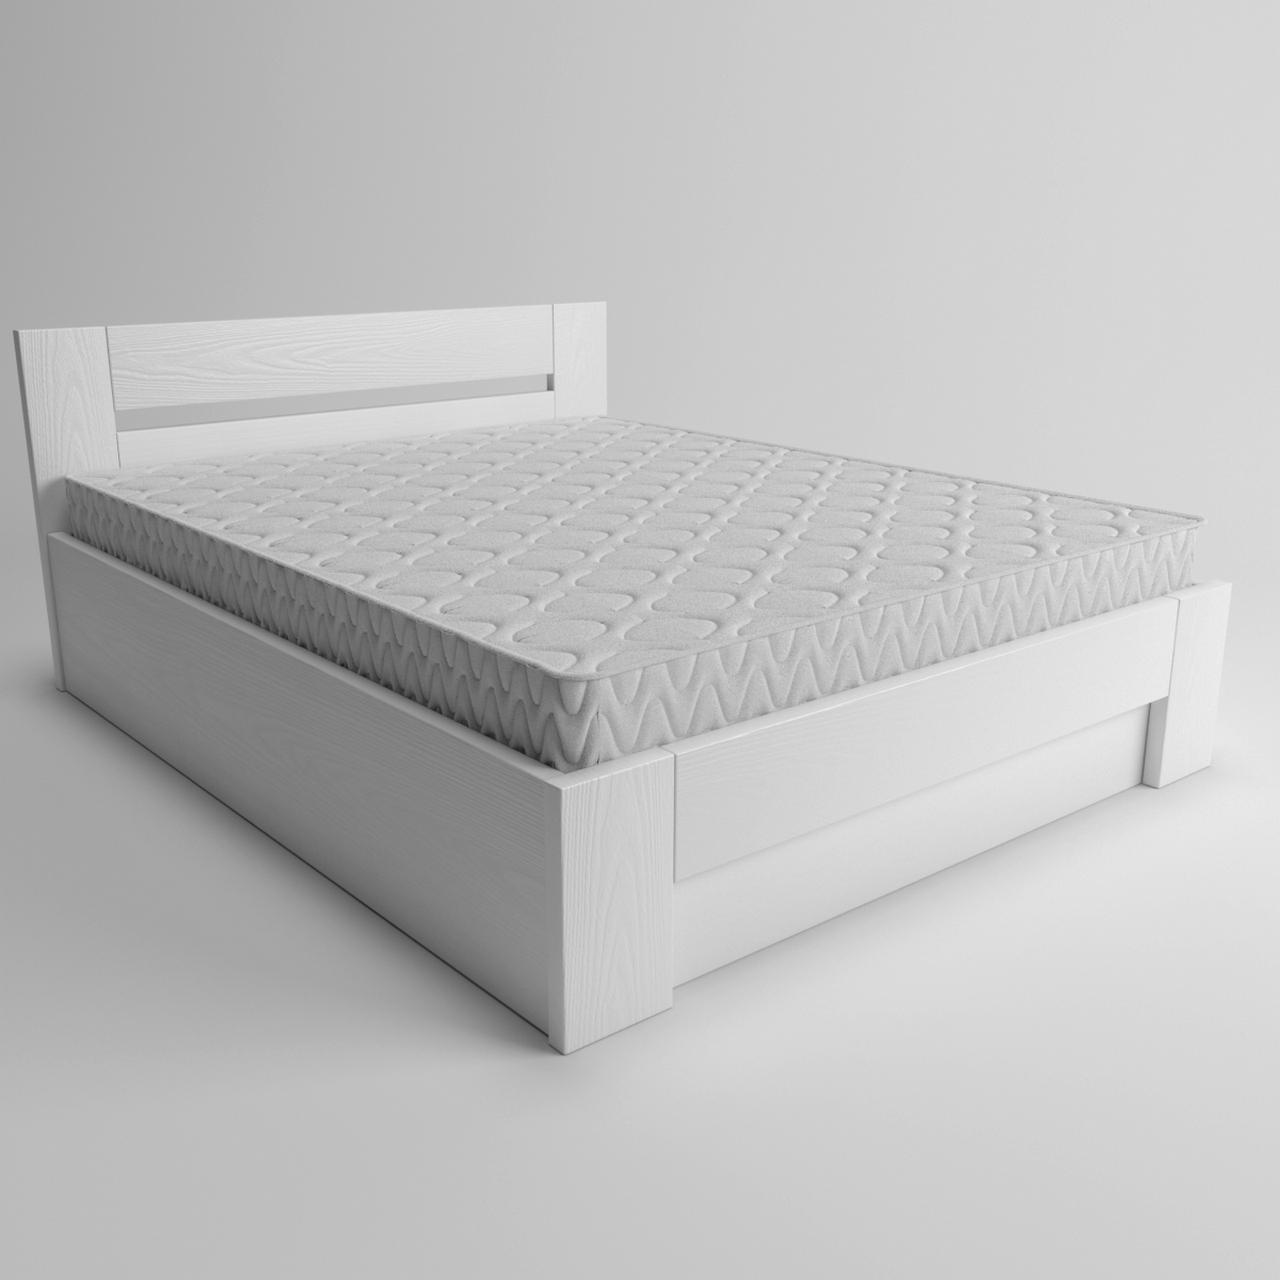 Ліжко дерев'яне двоспальне Лондон з підйомним механізмом (масив ясена)